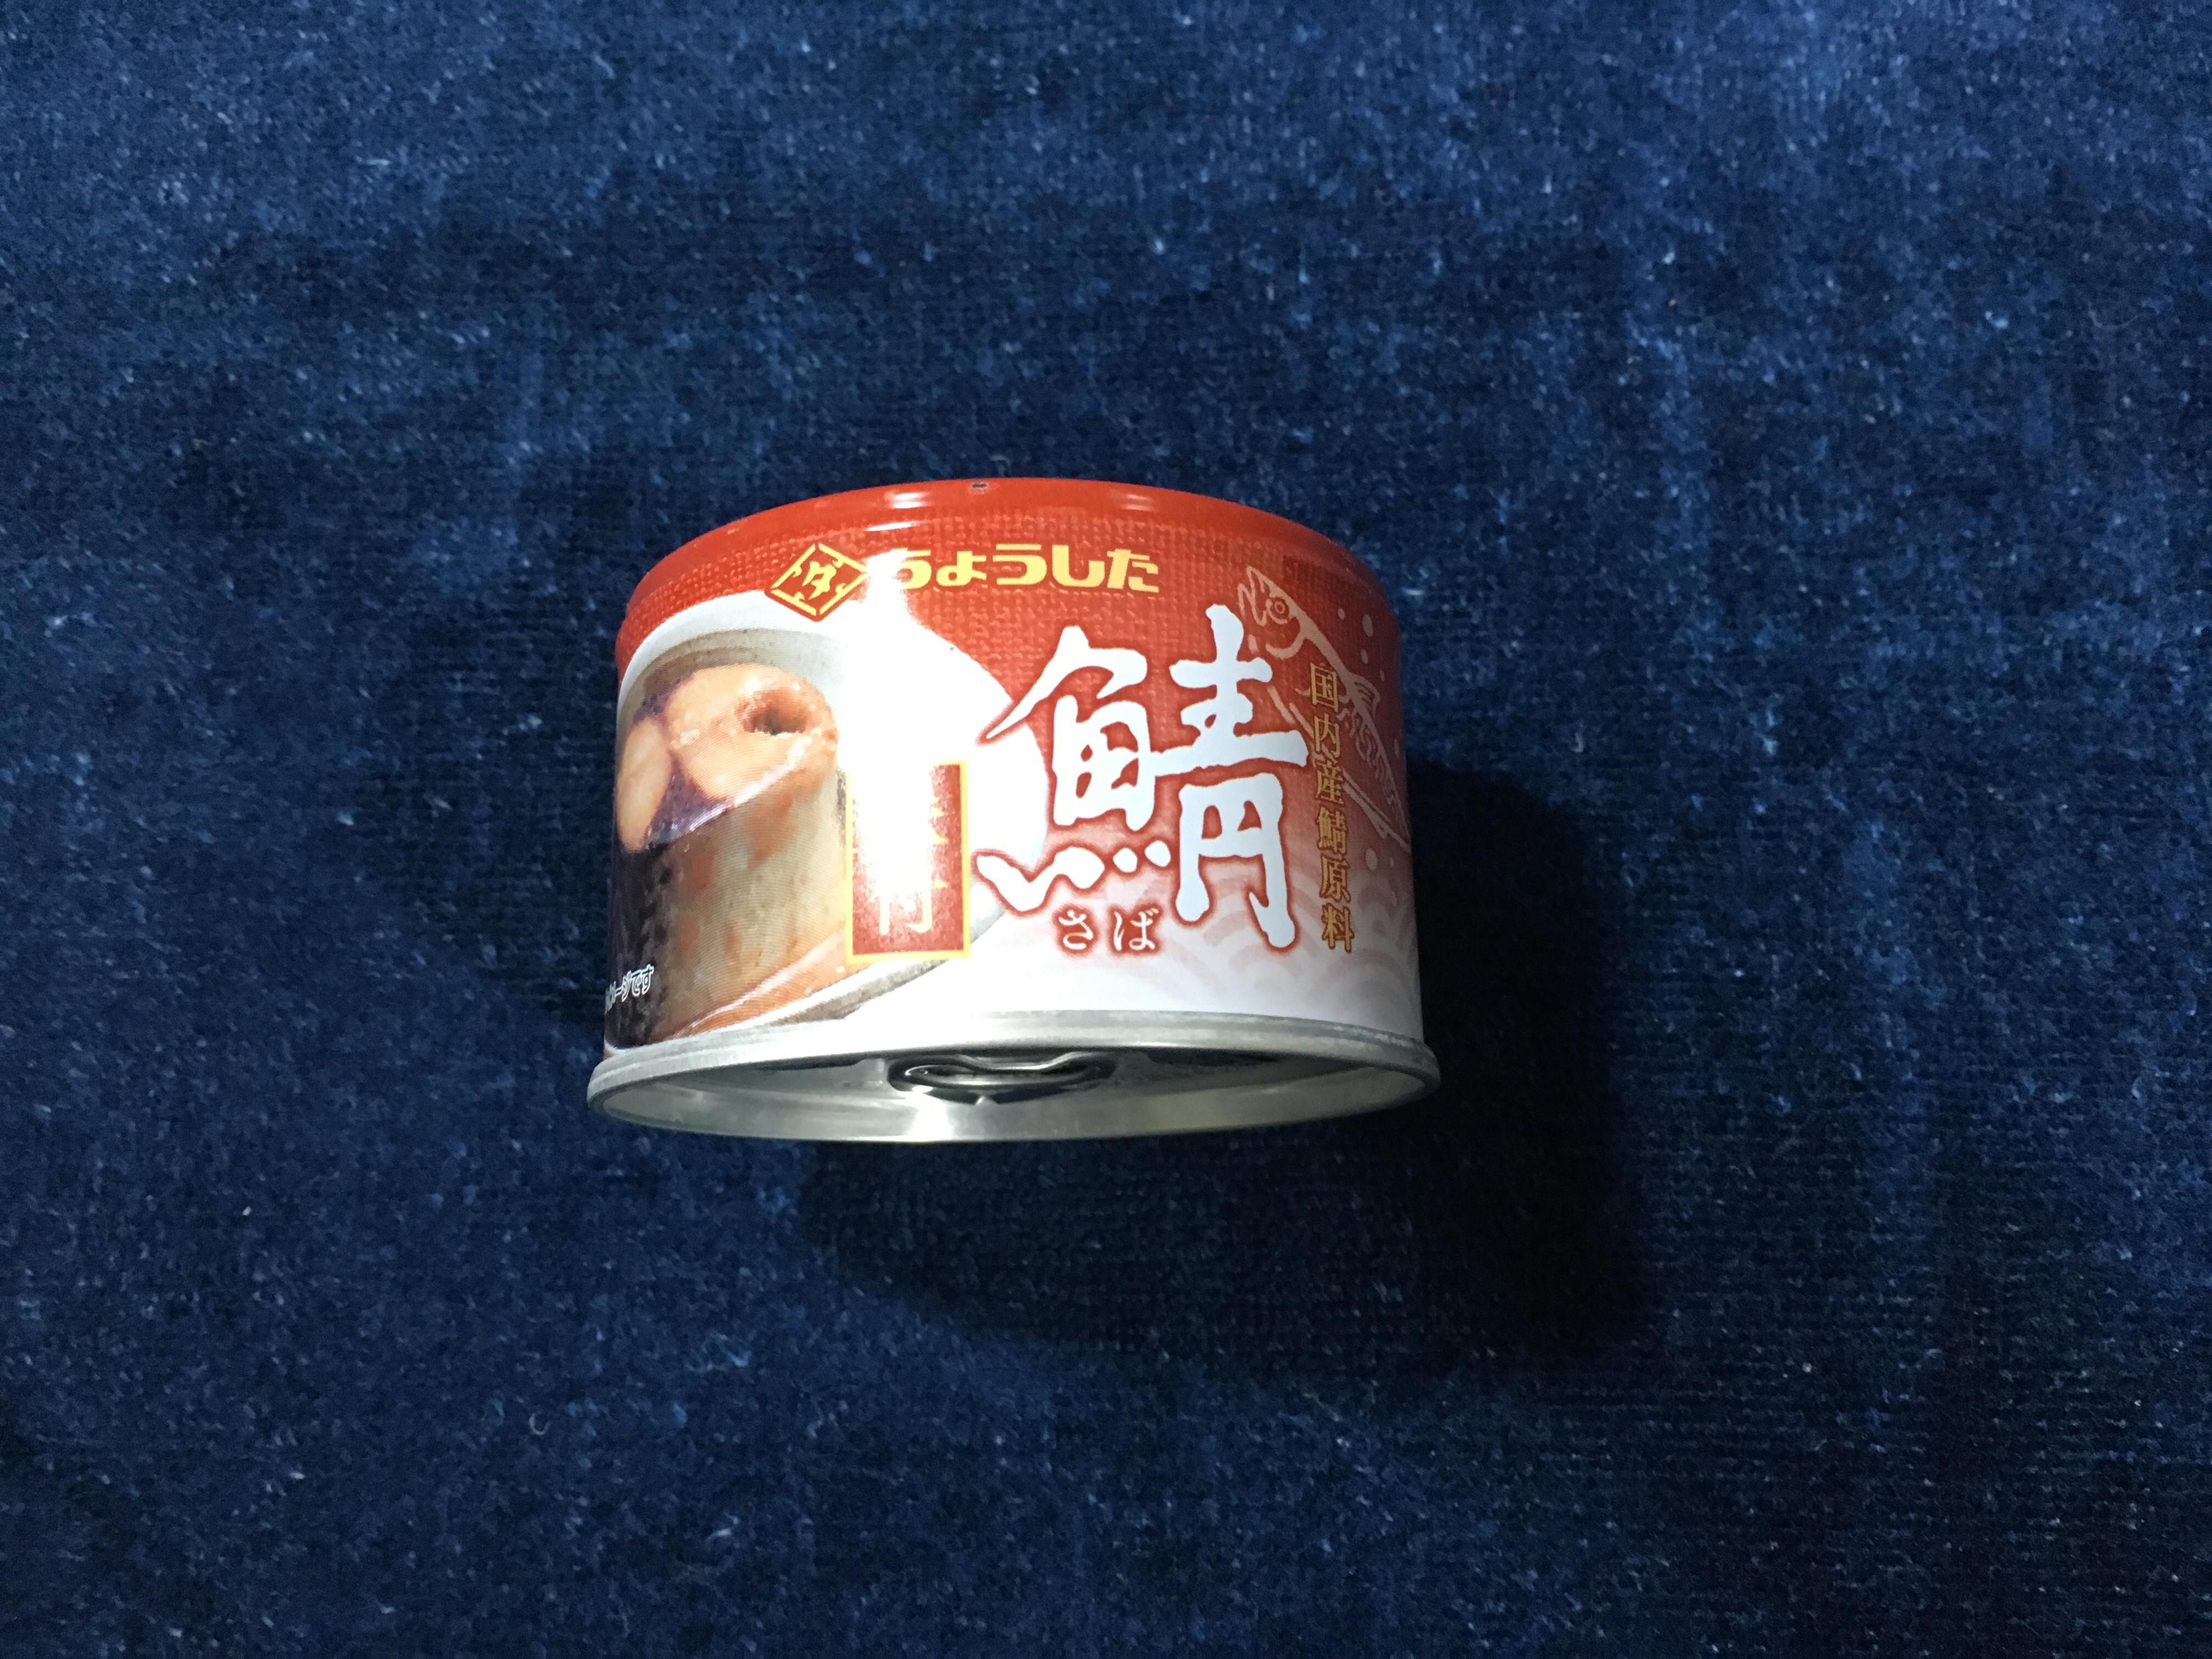 ちょうしたの定番鯖缶『鯖 味付』を食レポしてみた。【5つ星評価、味】